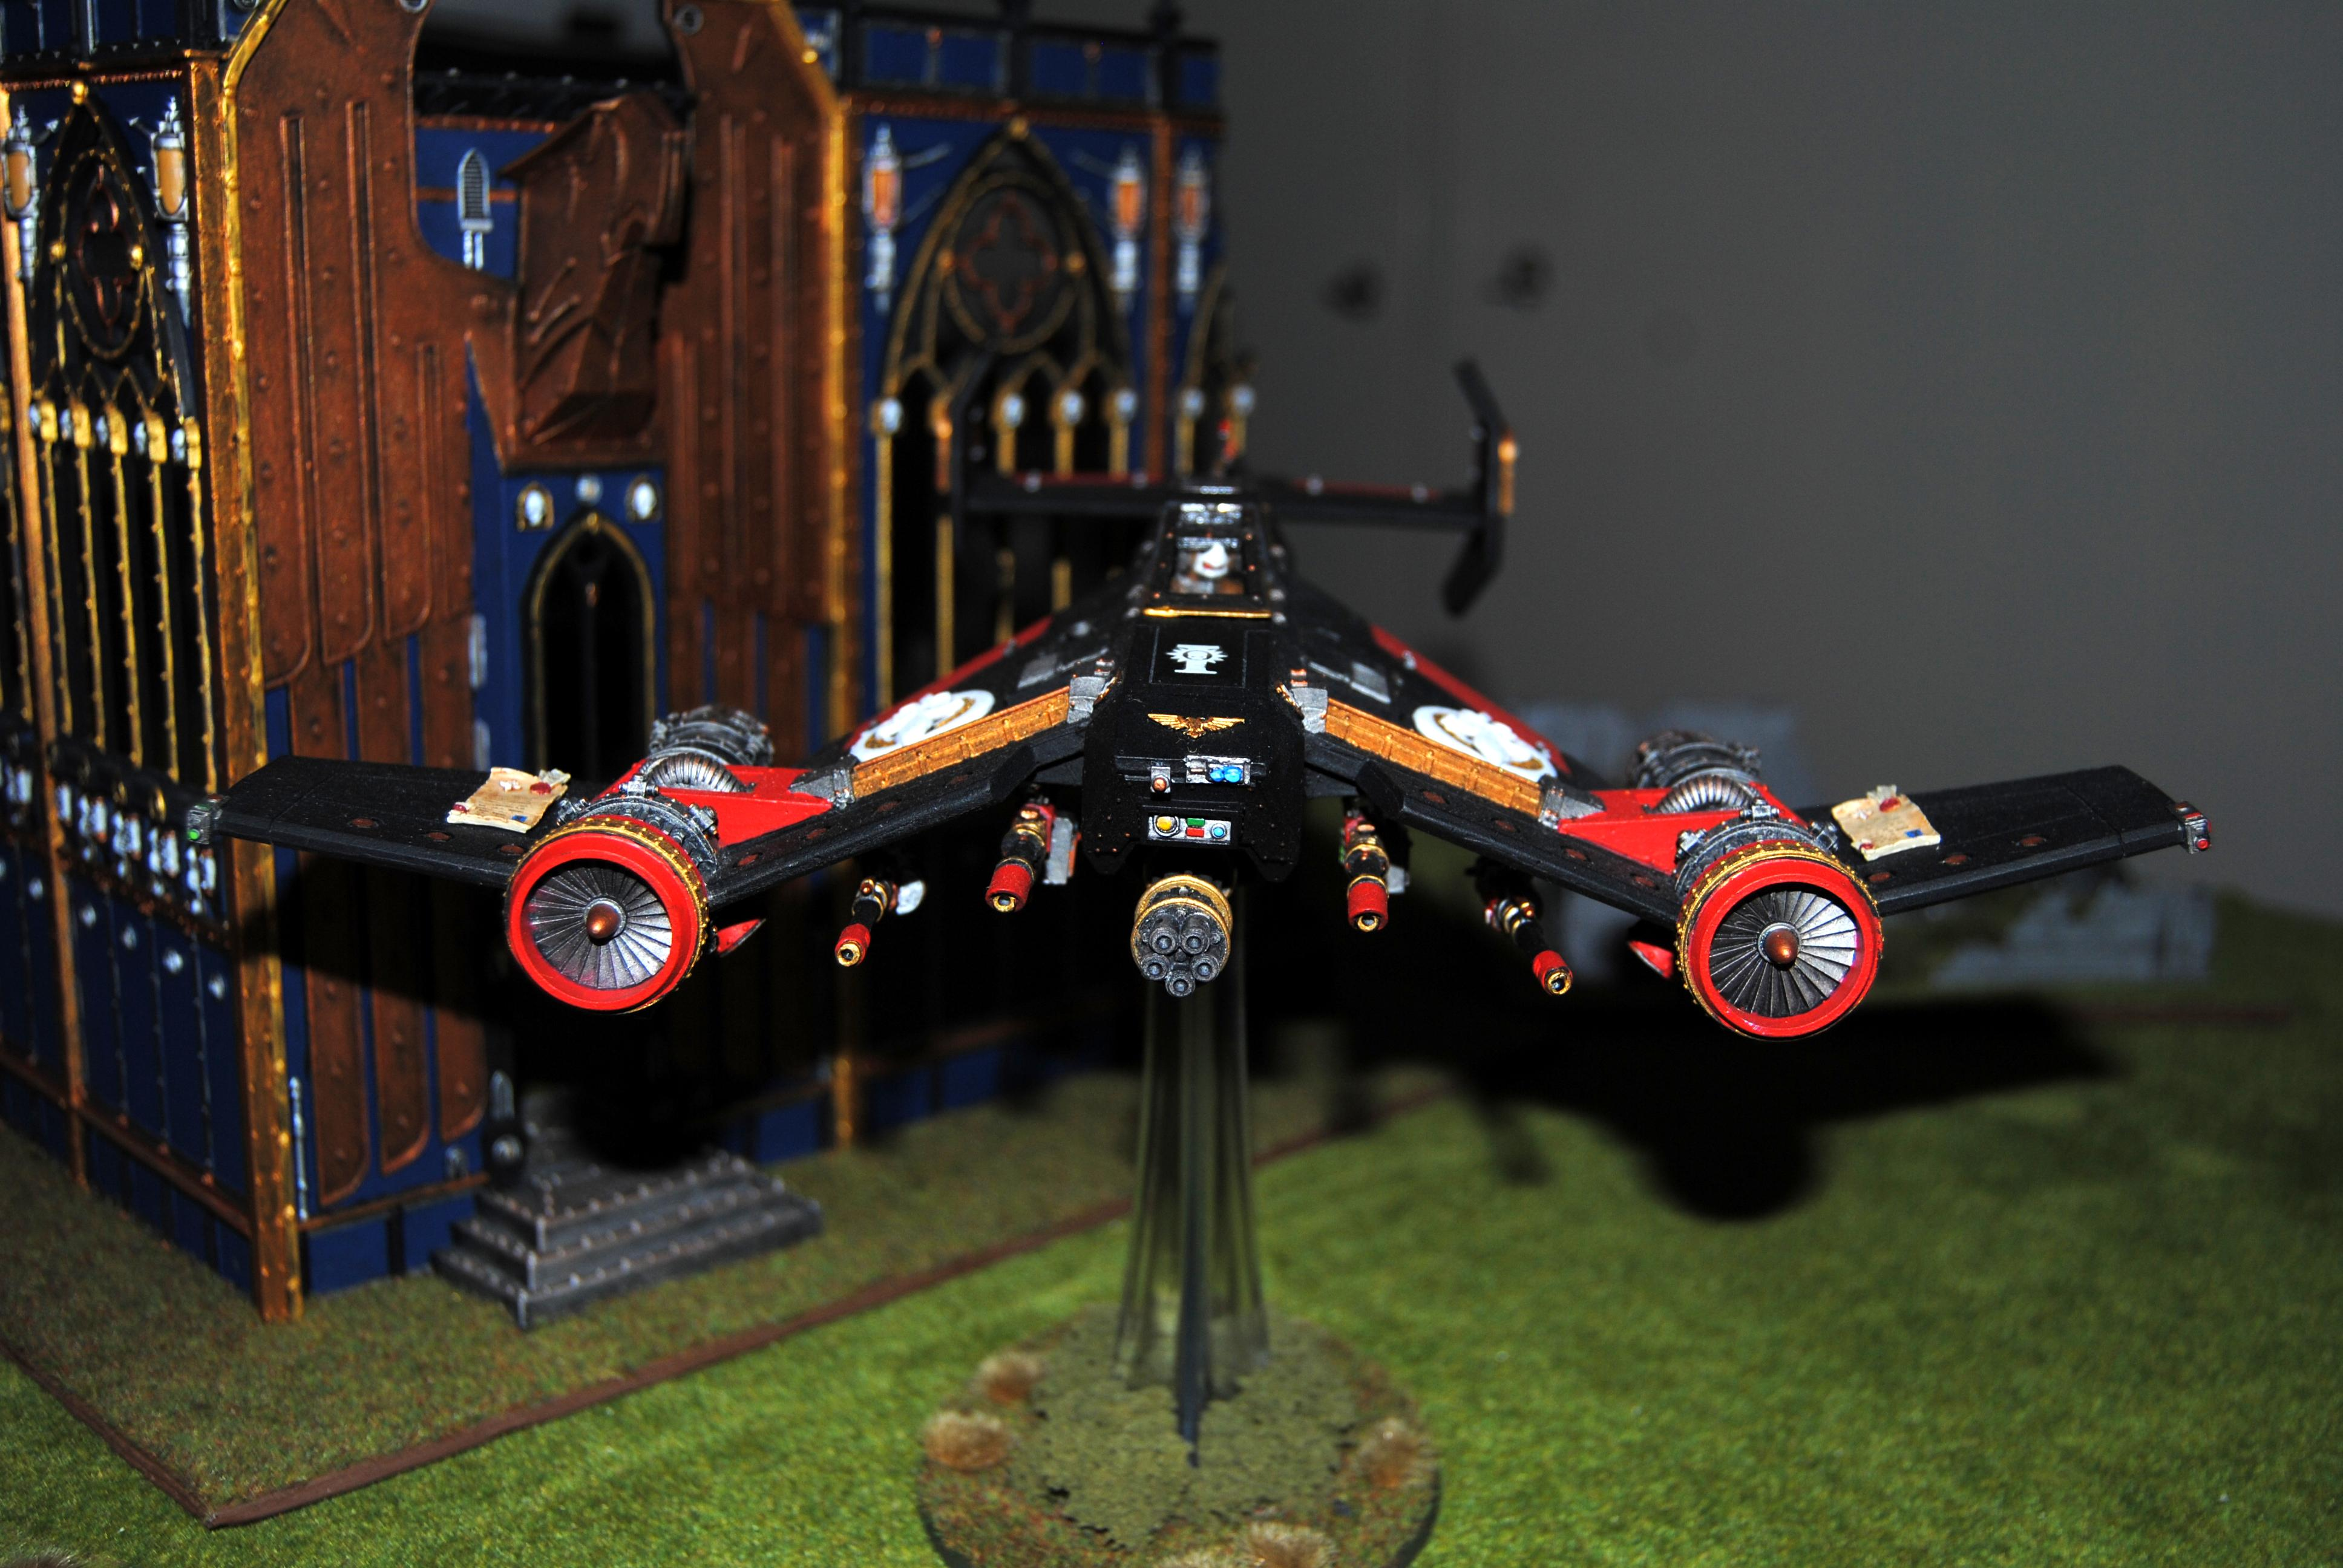 Adepta Sororitas, Avenger Strike Fighter, Flyer, Forge World